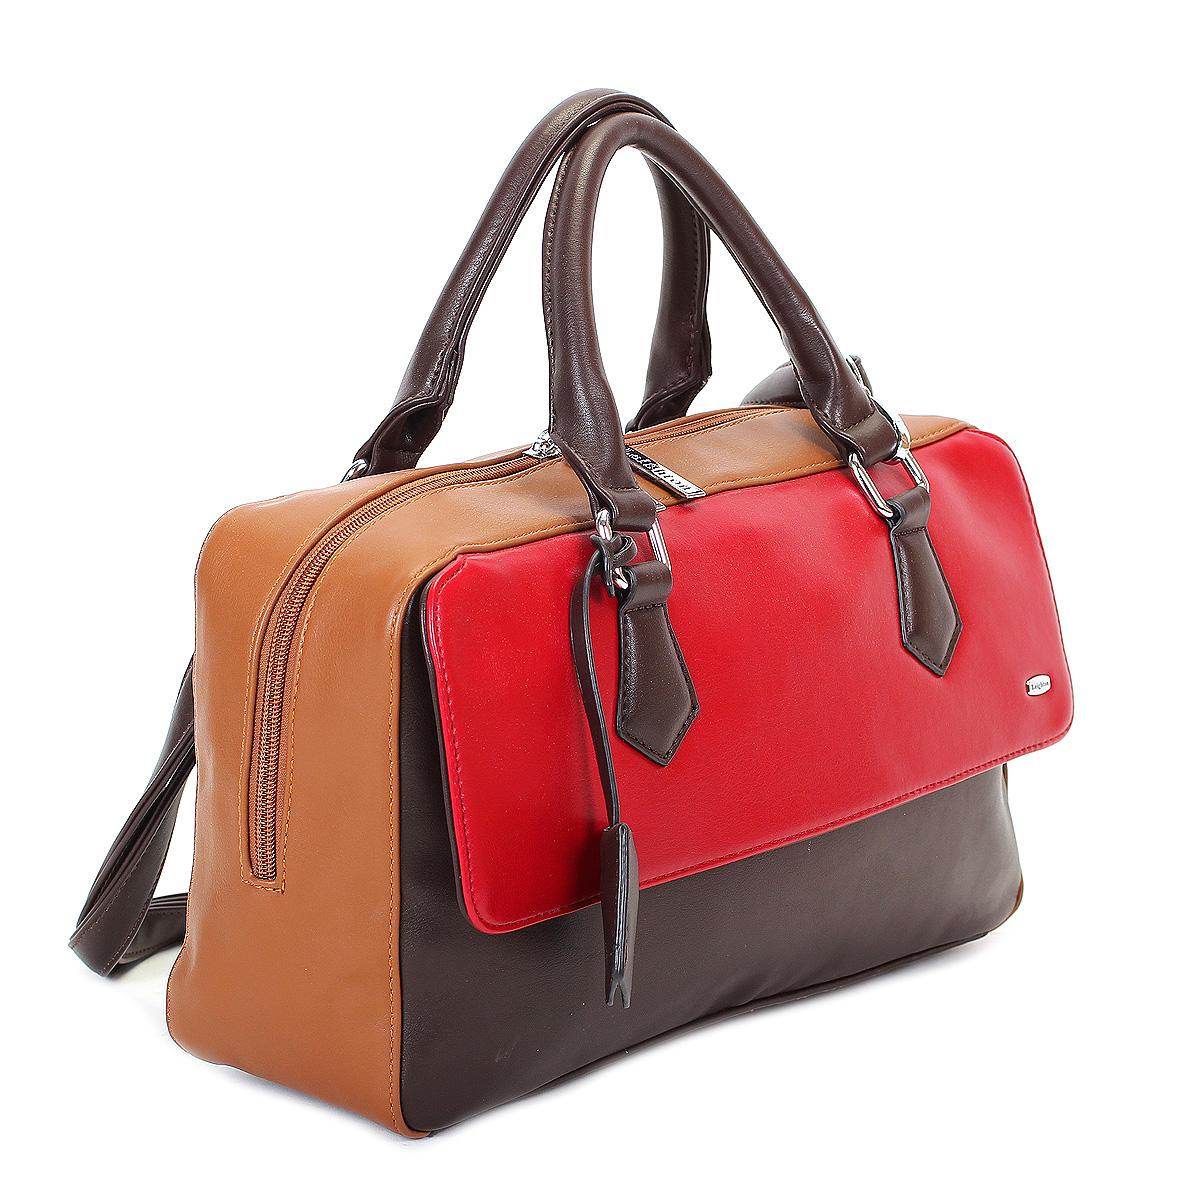 Сумка женская Leighton, цвет: коричневый, рыжий, темно-красный. 570425-1166/201/1166/619/1166/206 ( 570425-1166/201/1166/619/ )